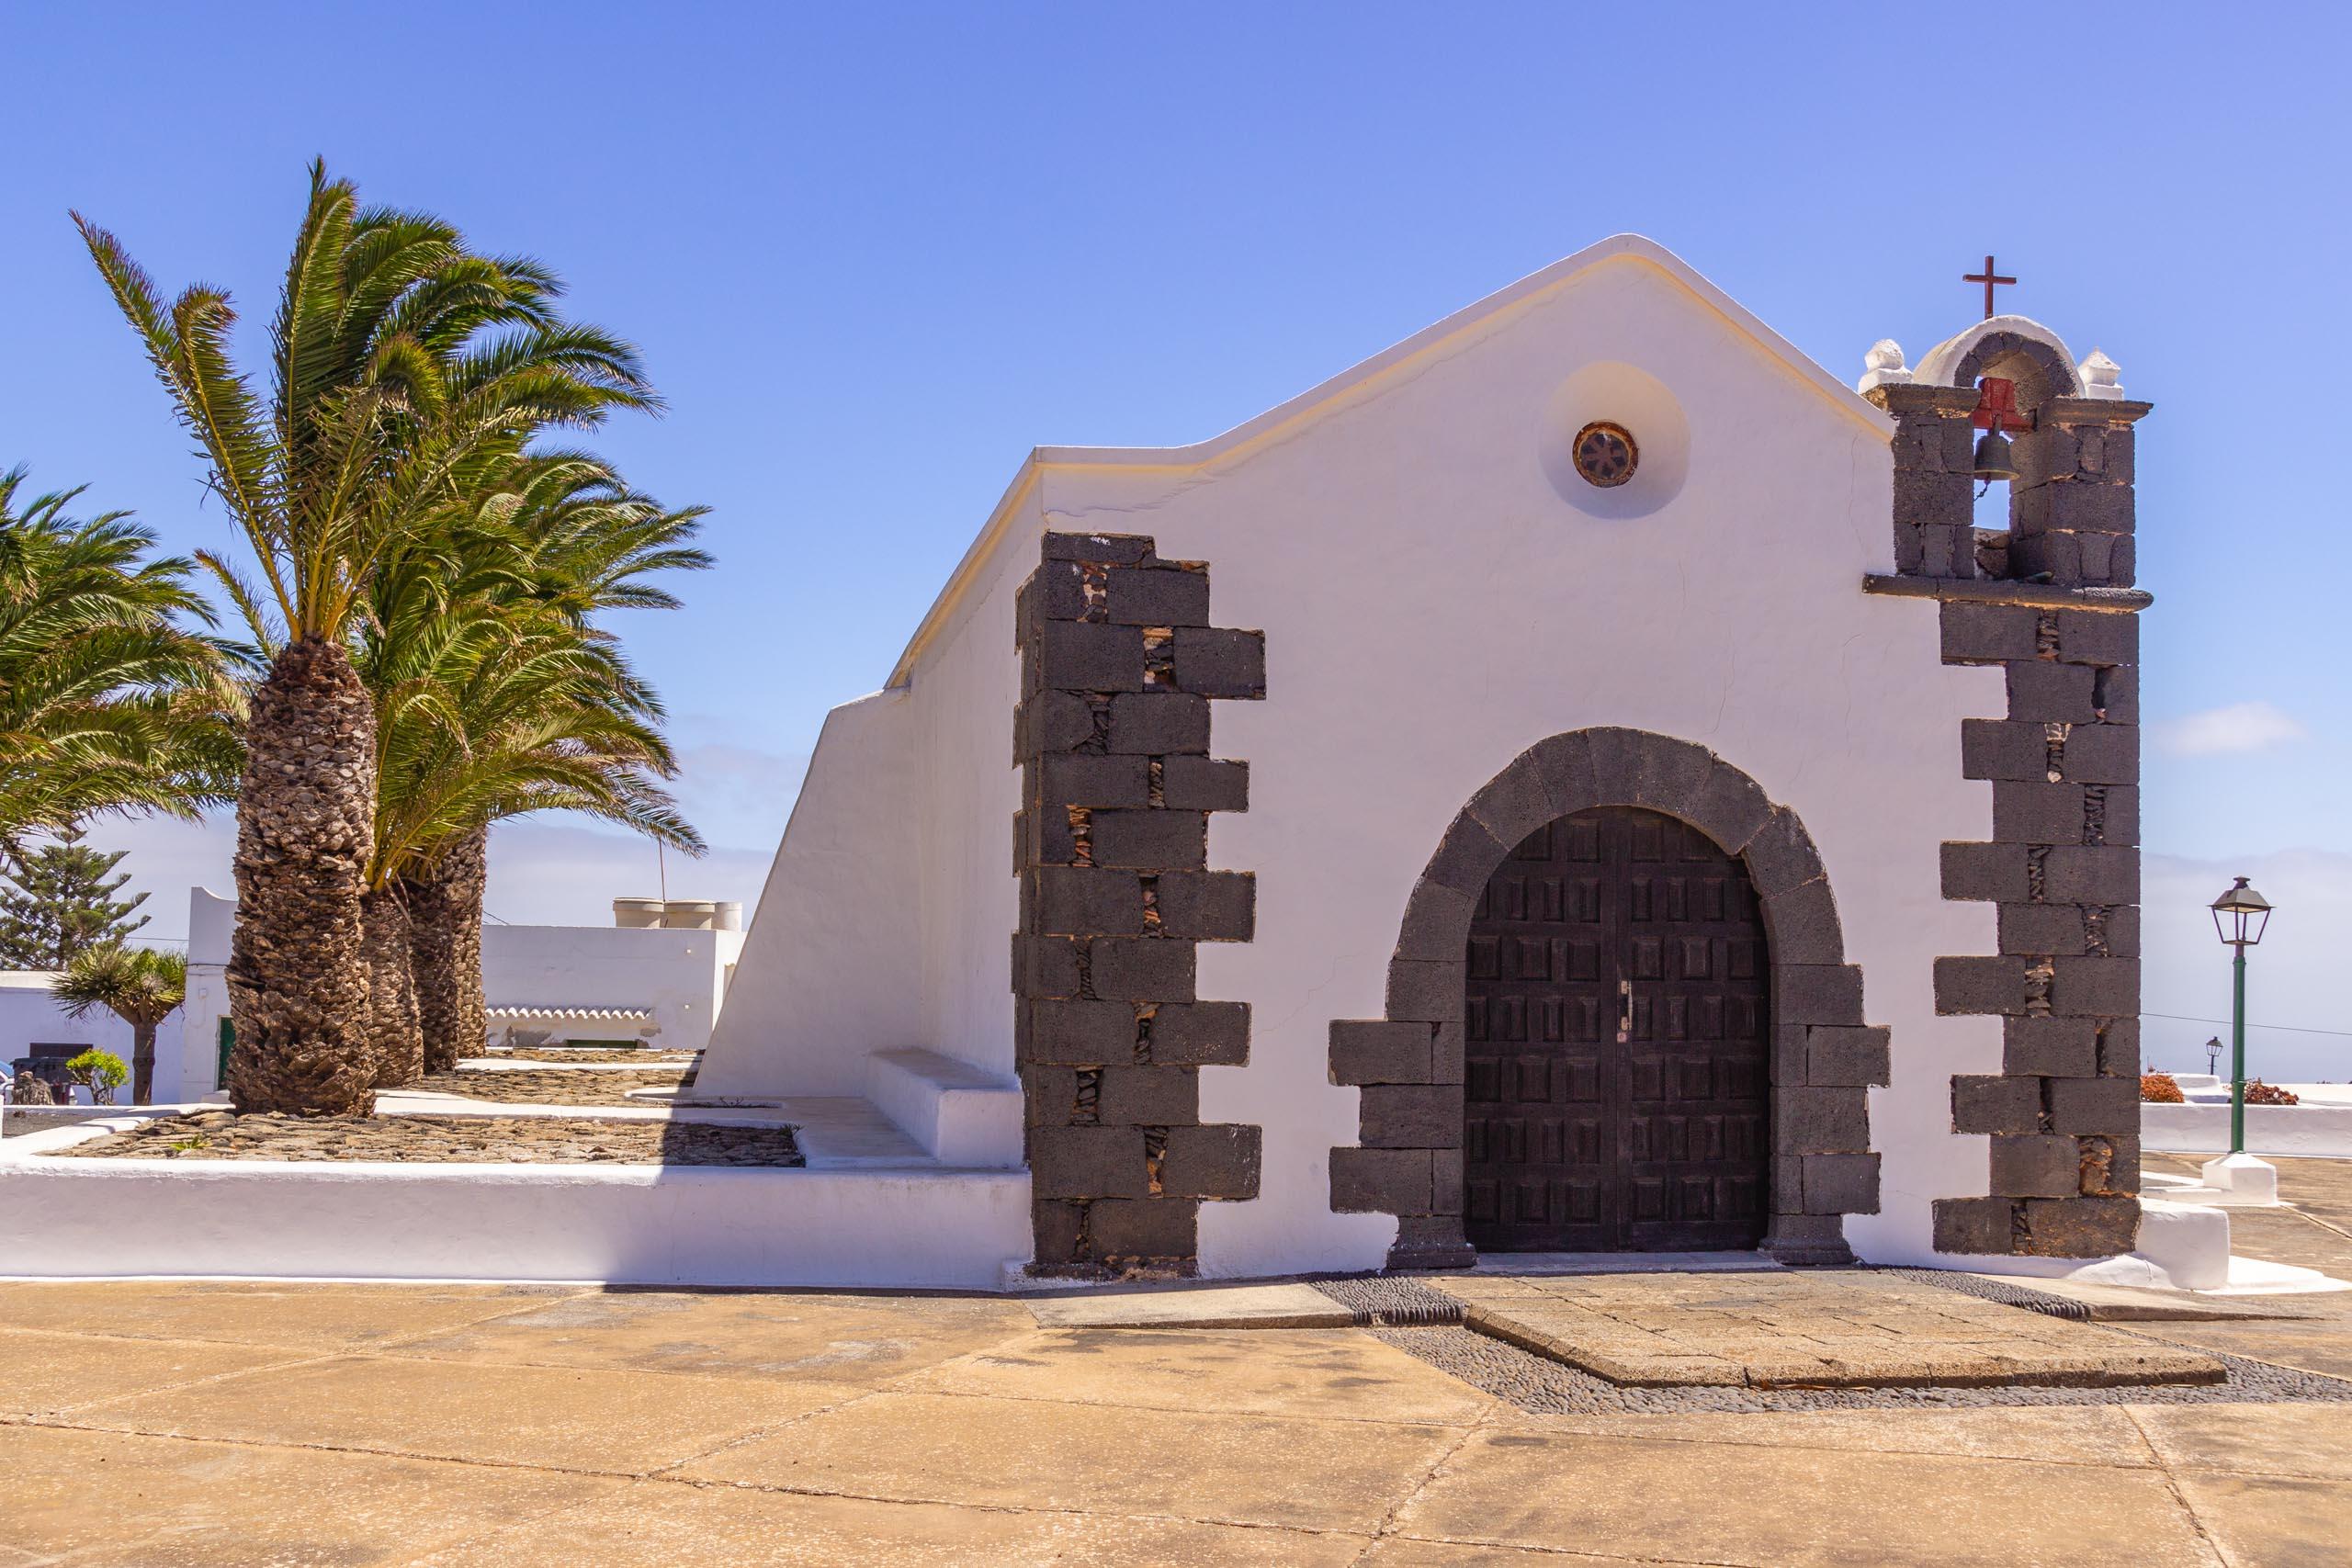 2016 09 Lanzarote TeseguiteTheChurch 001